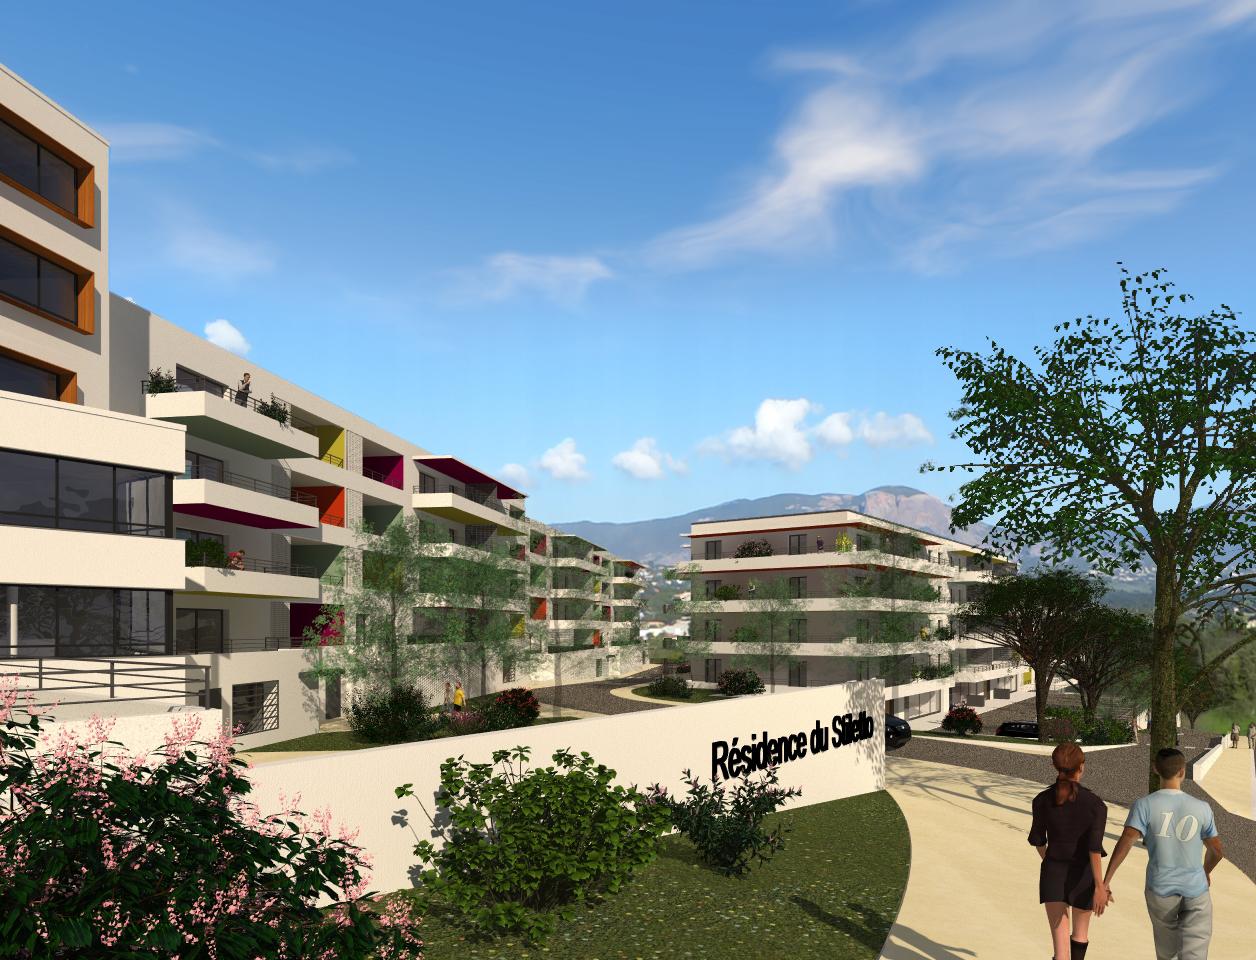 Residence du stiletto programme neuf ajaccio stiletto for Residence neuf